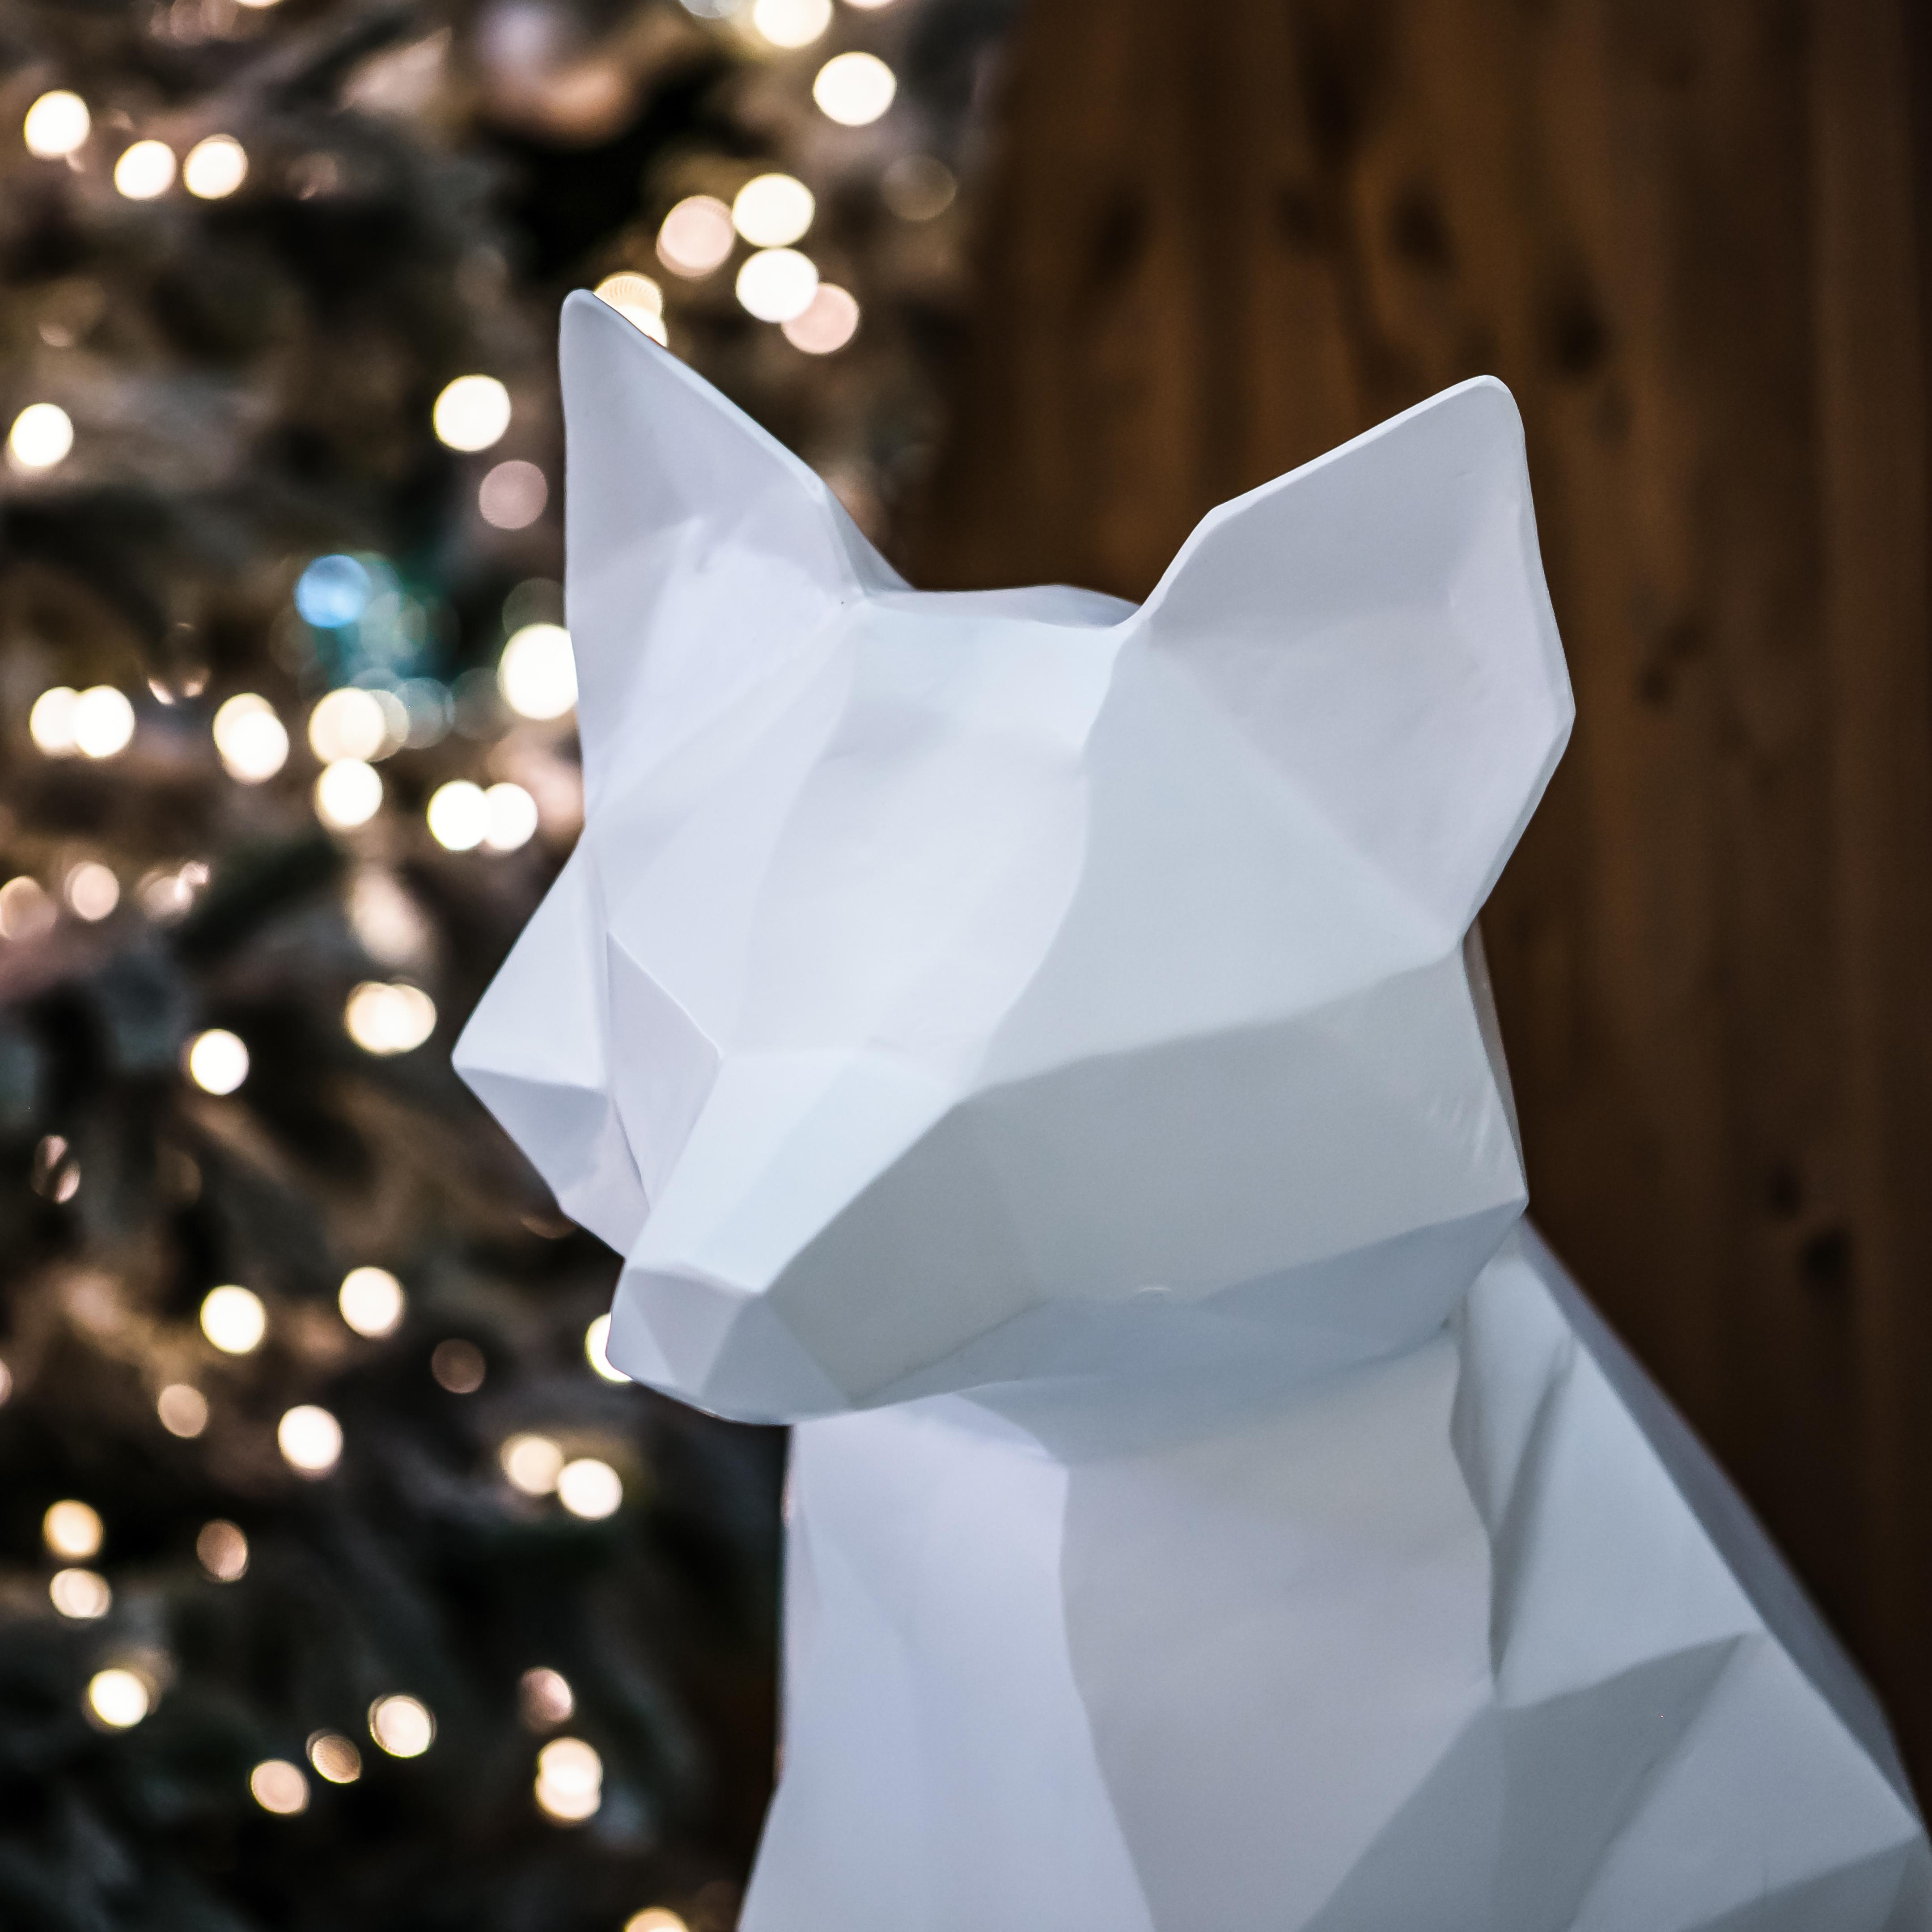 Sihlcity Weihnachten Winter Wonderland Fuchs Detail